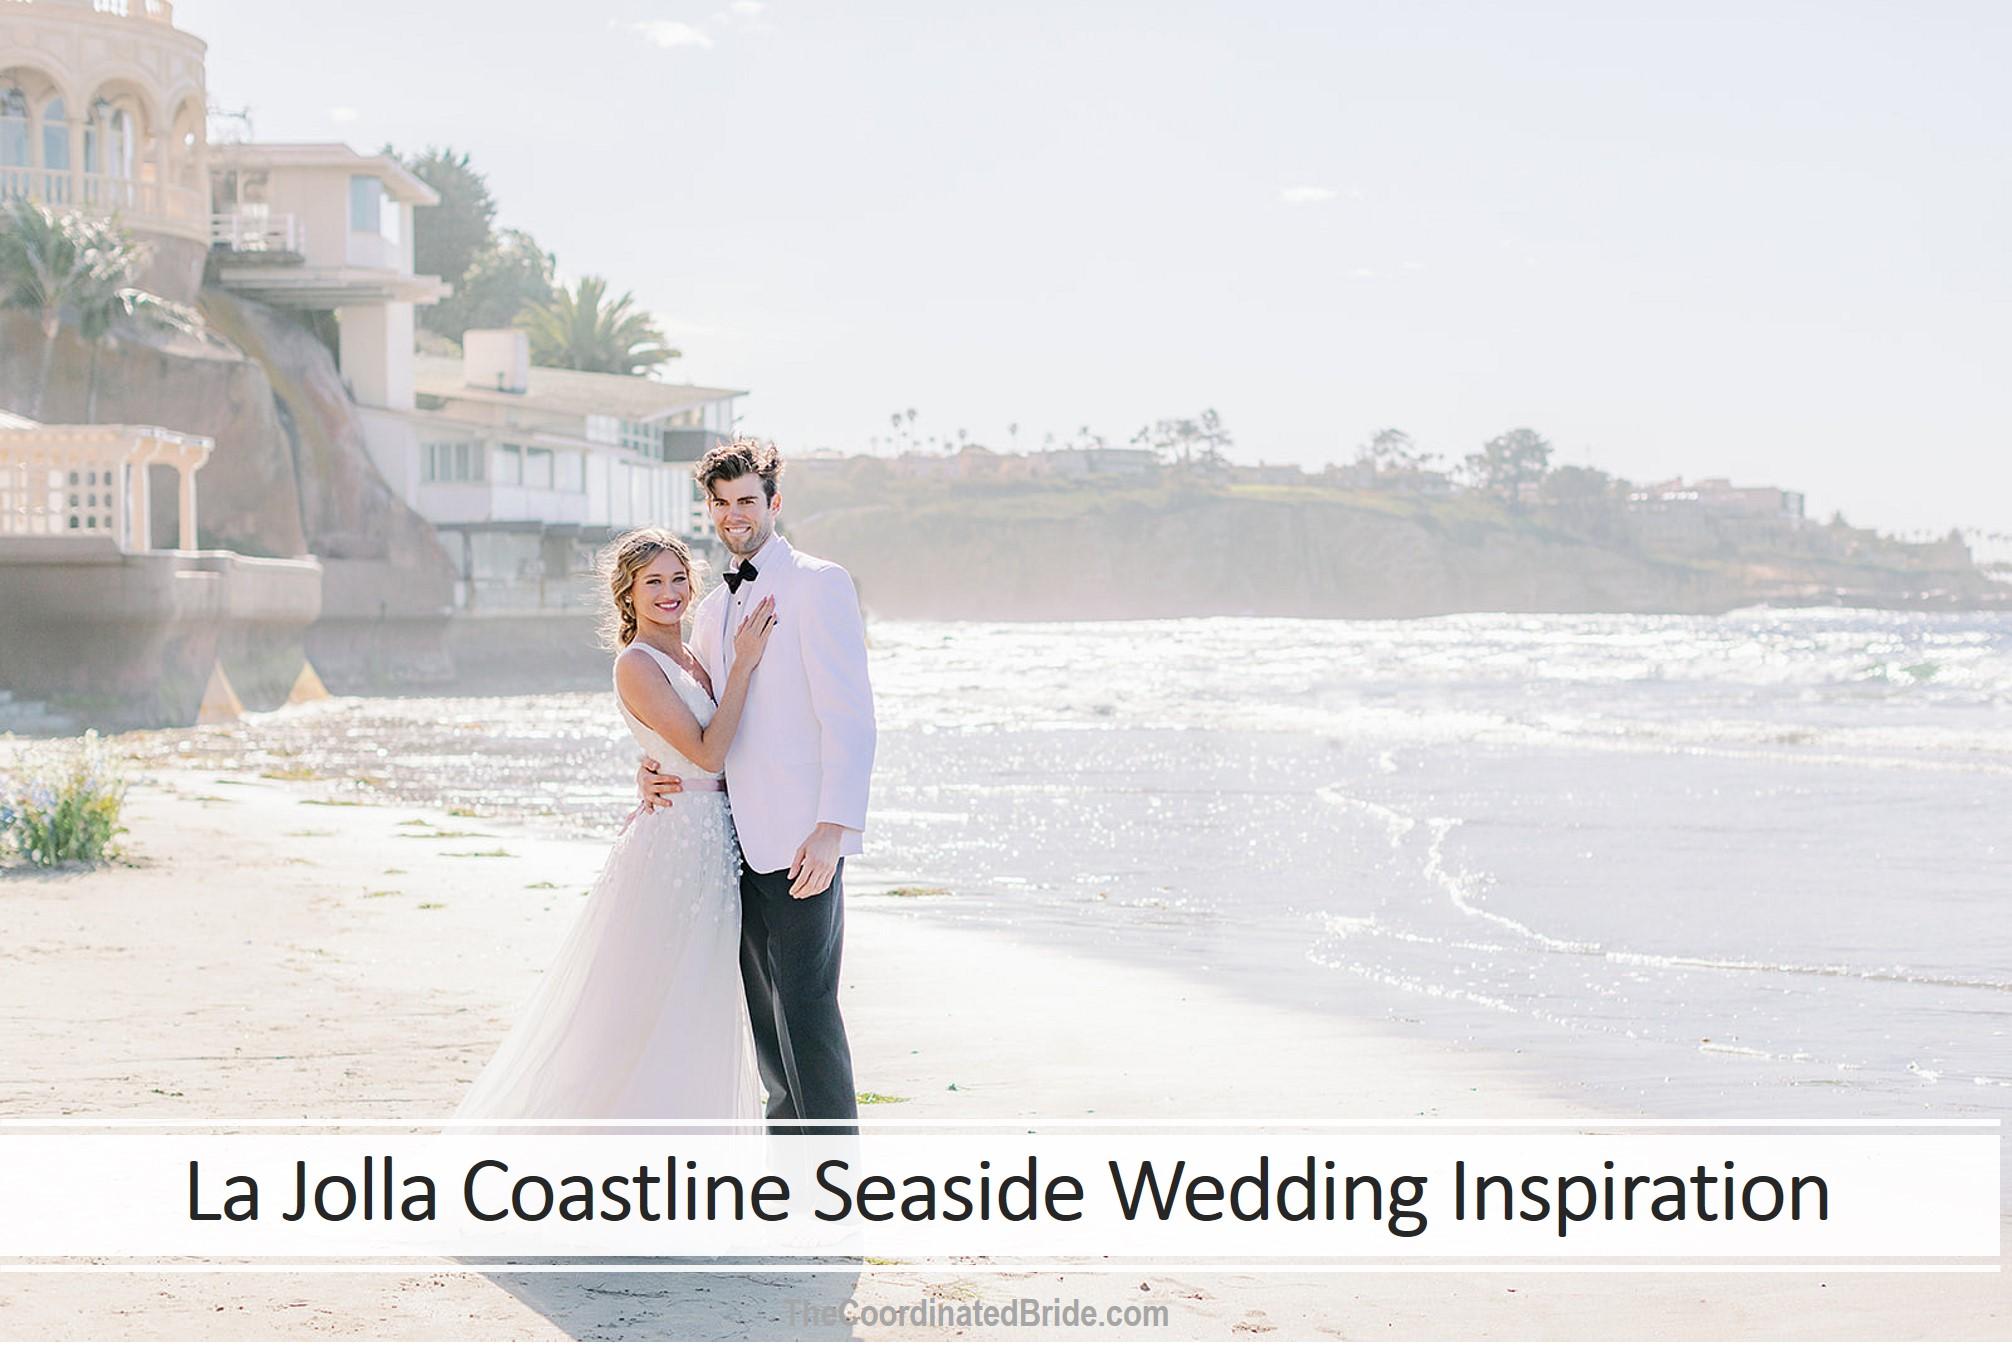 Bright Seaside Styled Wedding on the La Jolla Coastline